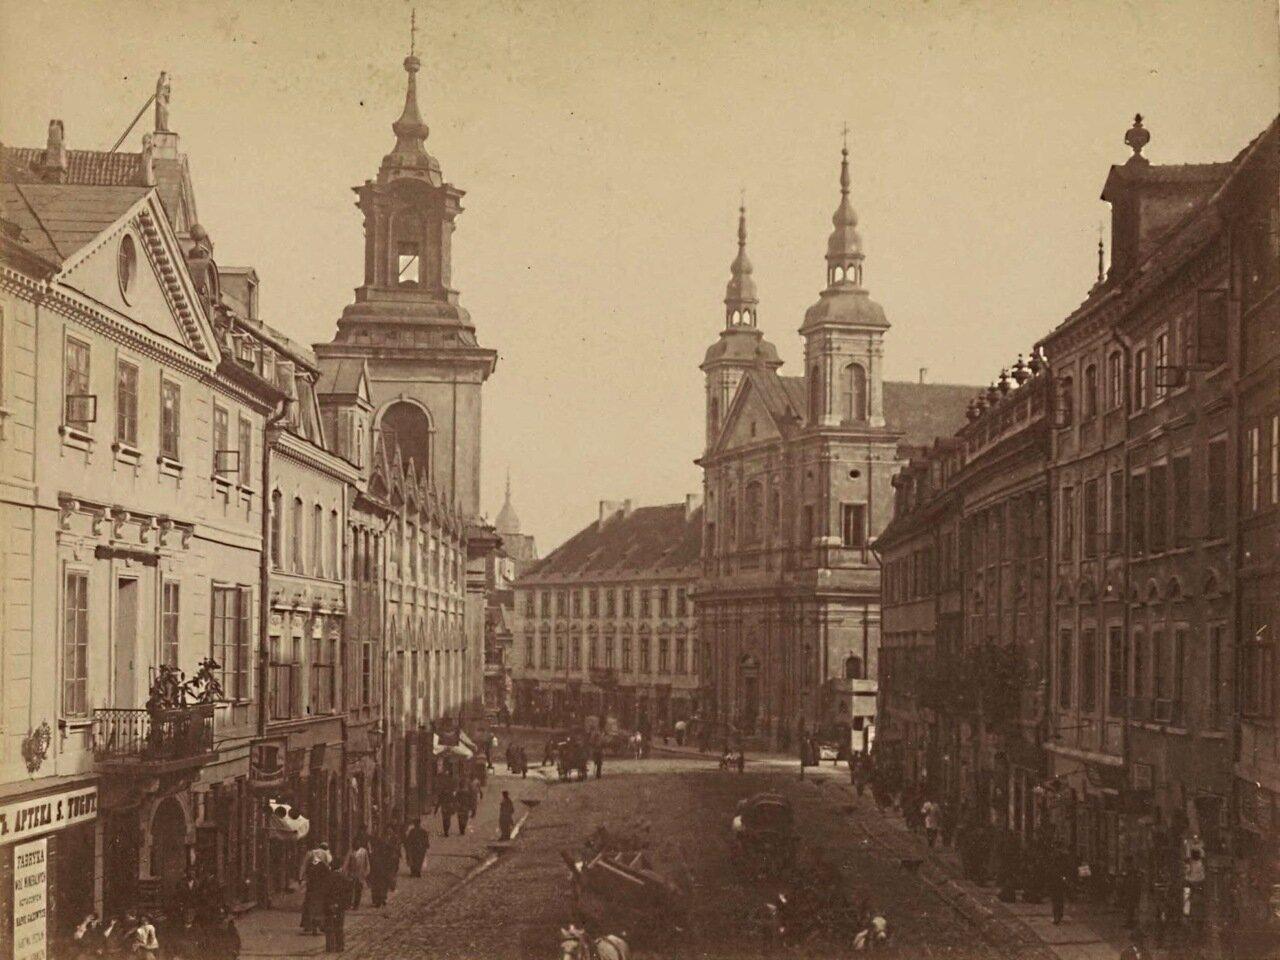 1865. Церковь Св. Духа и Доминиканский монастырь